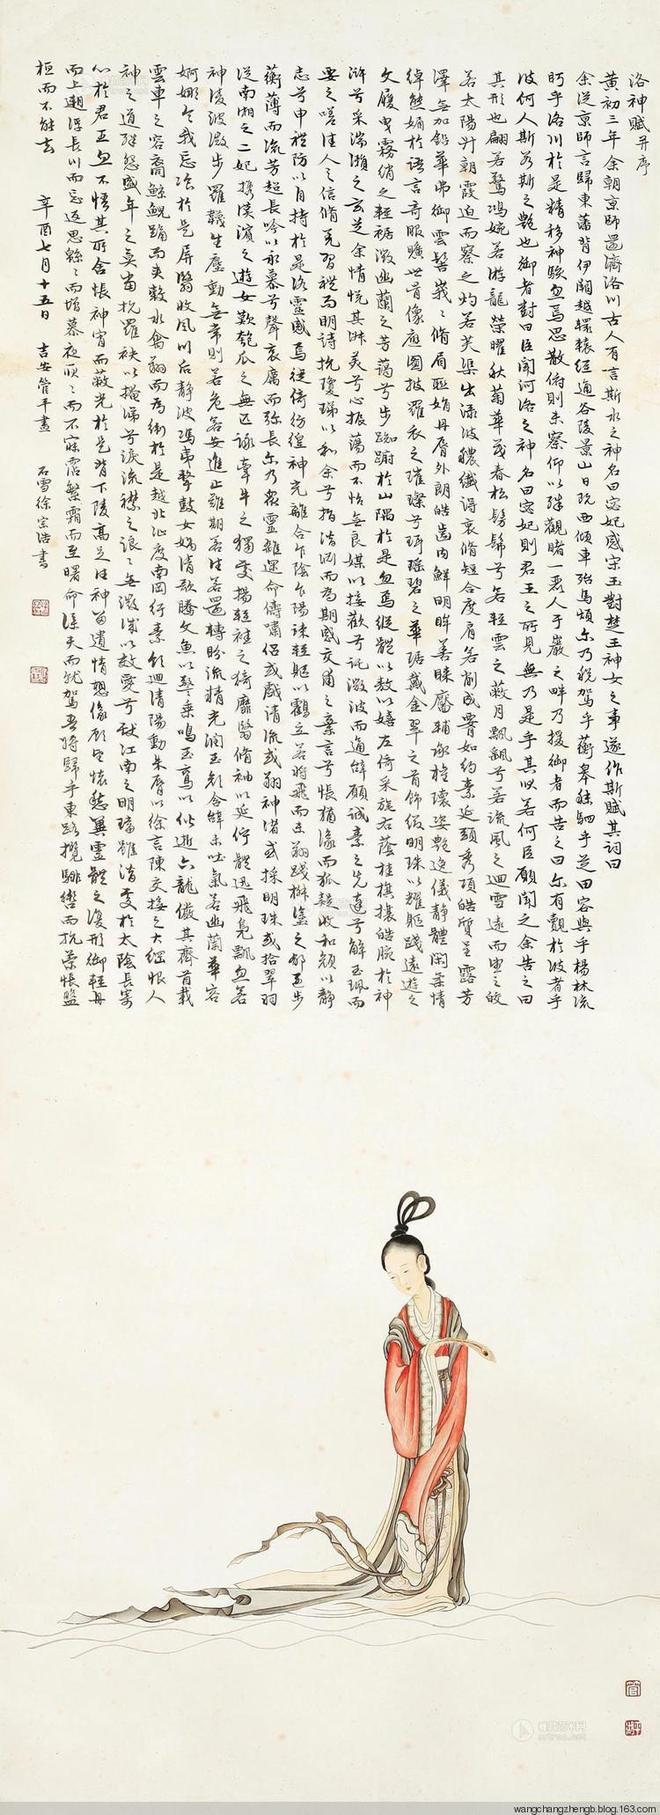 可和趙孟頫比肩,幾可亂真的老書家——徐宗浩